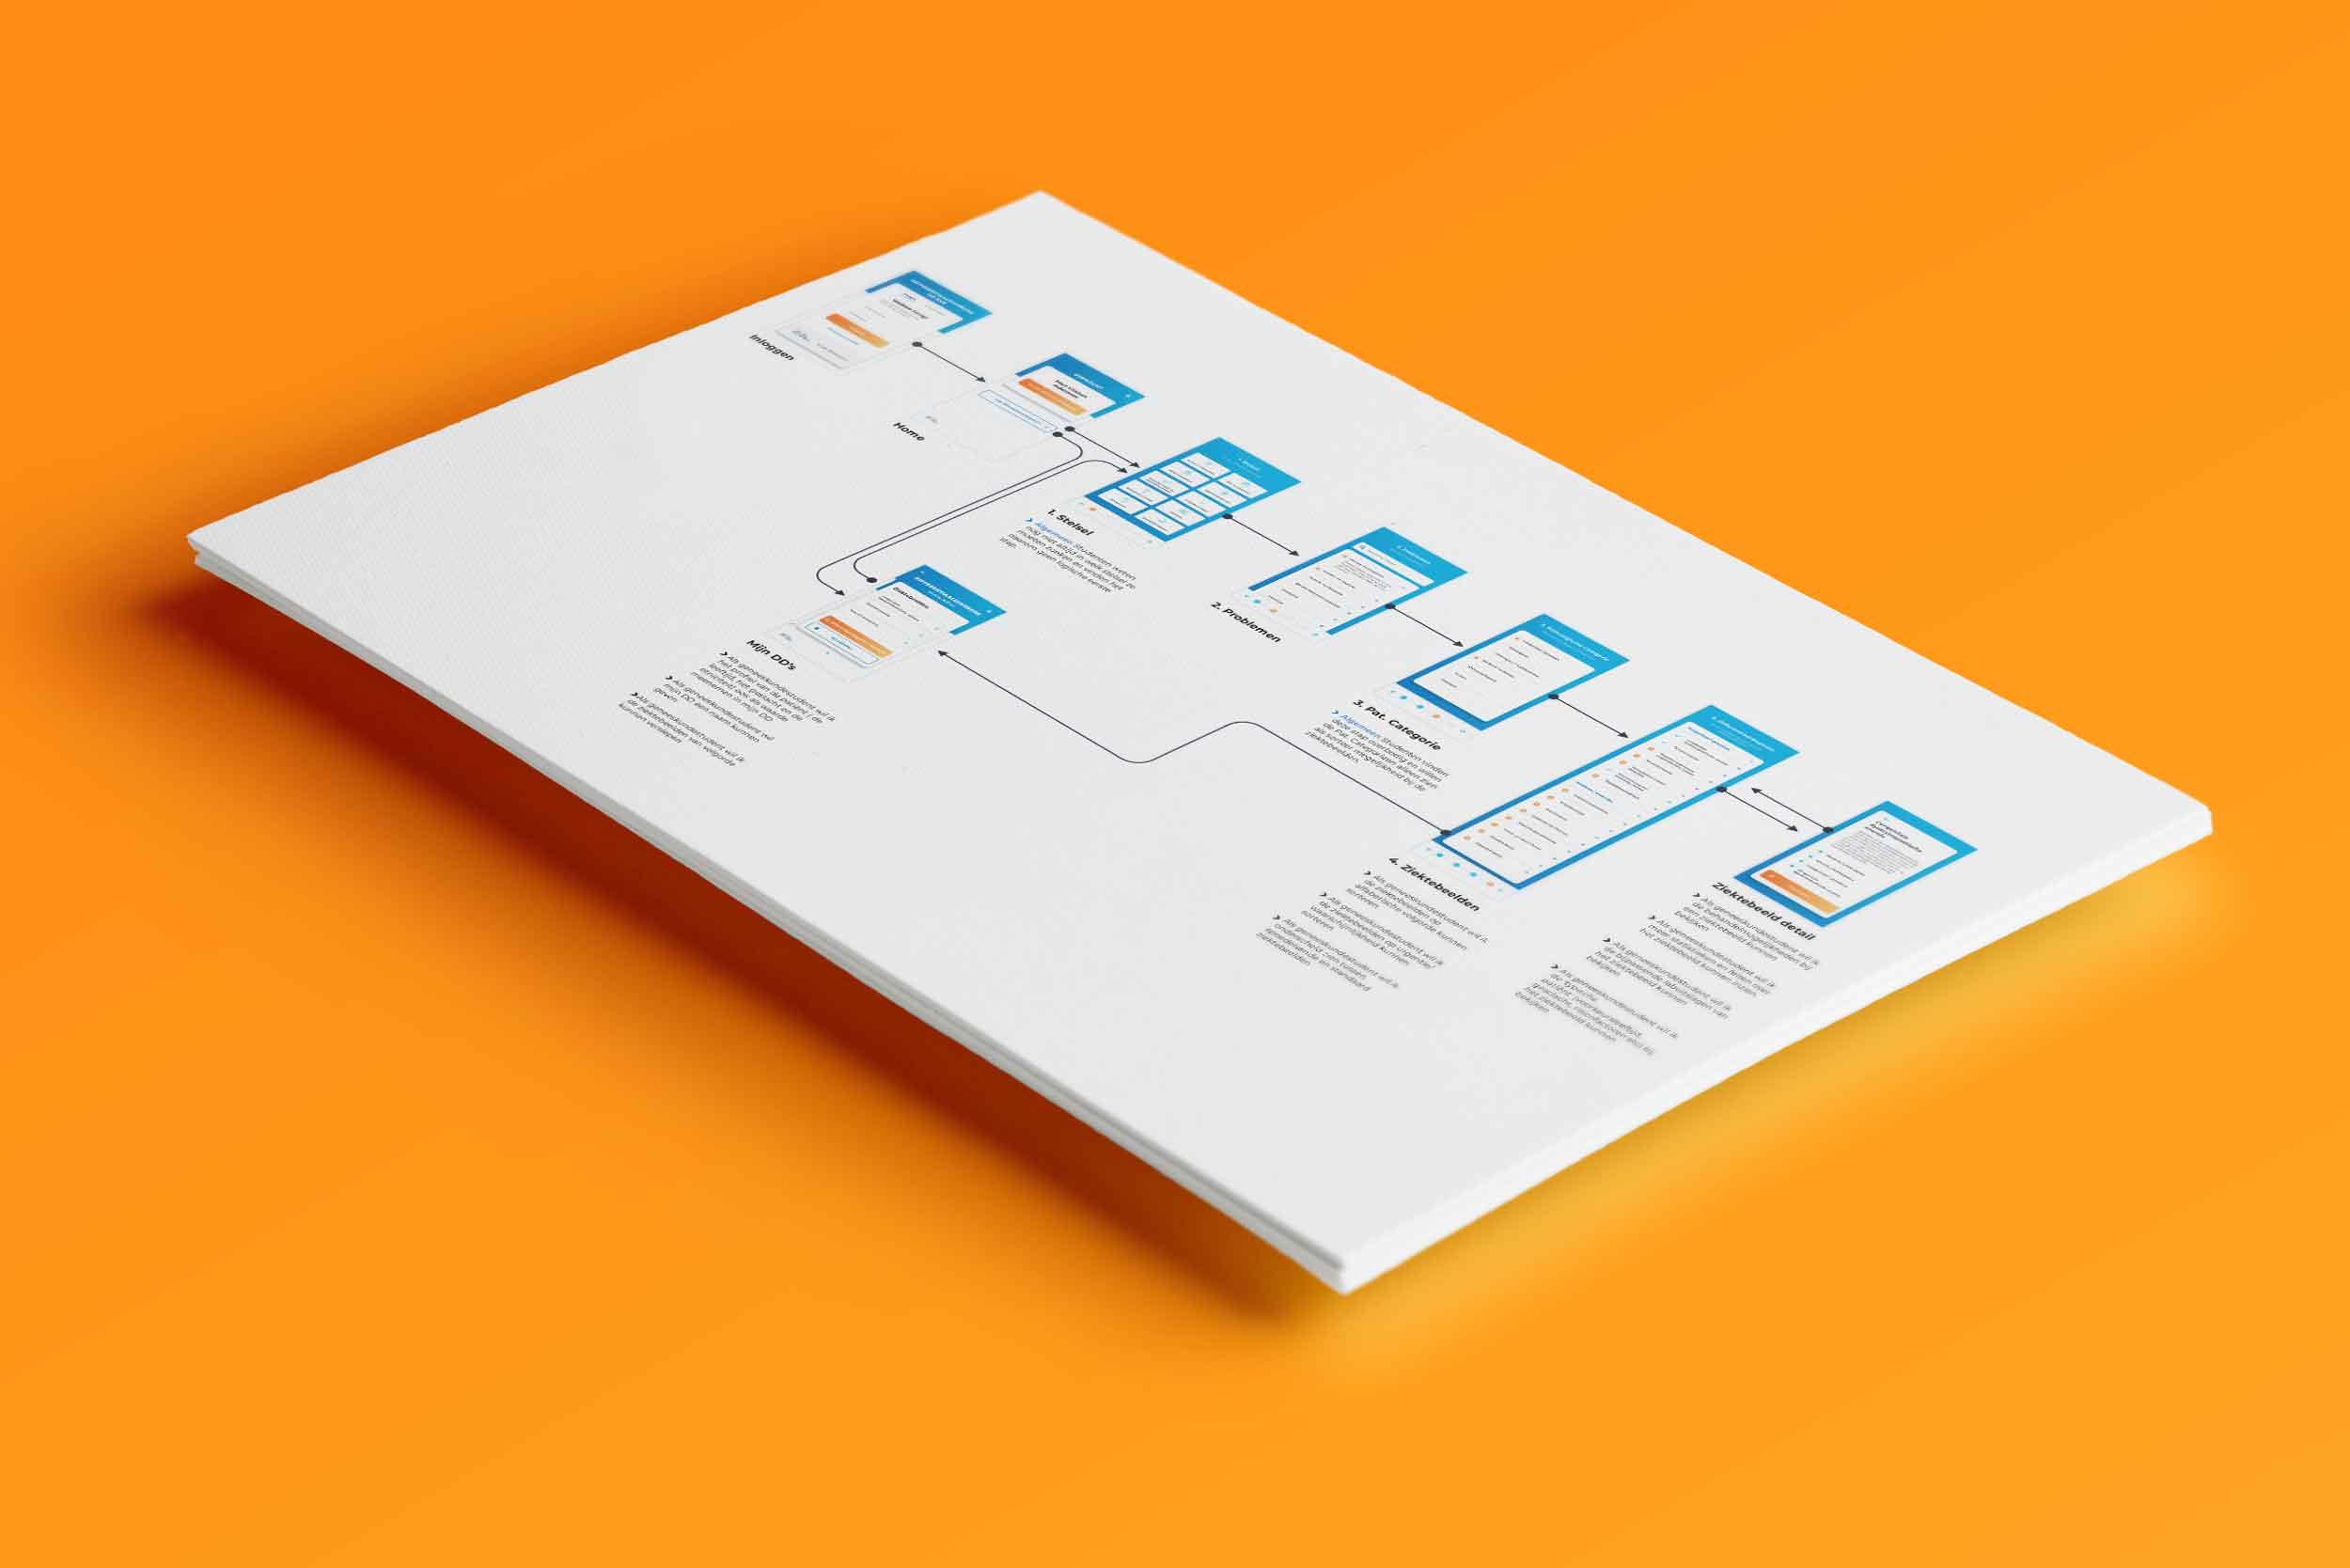 Mockup van de route door de applicatie (userflow)